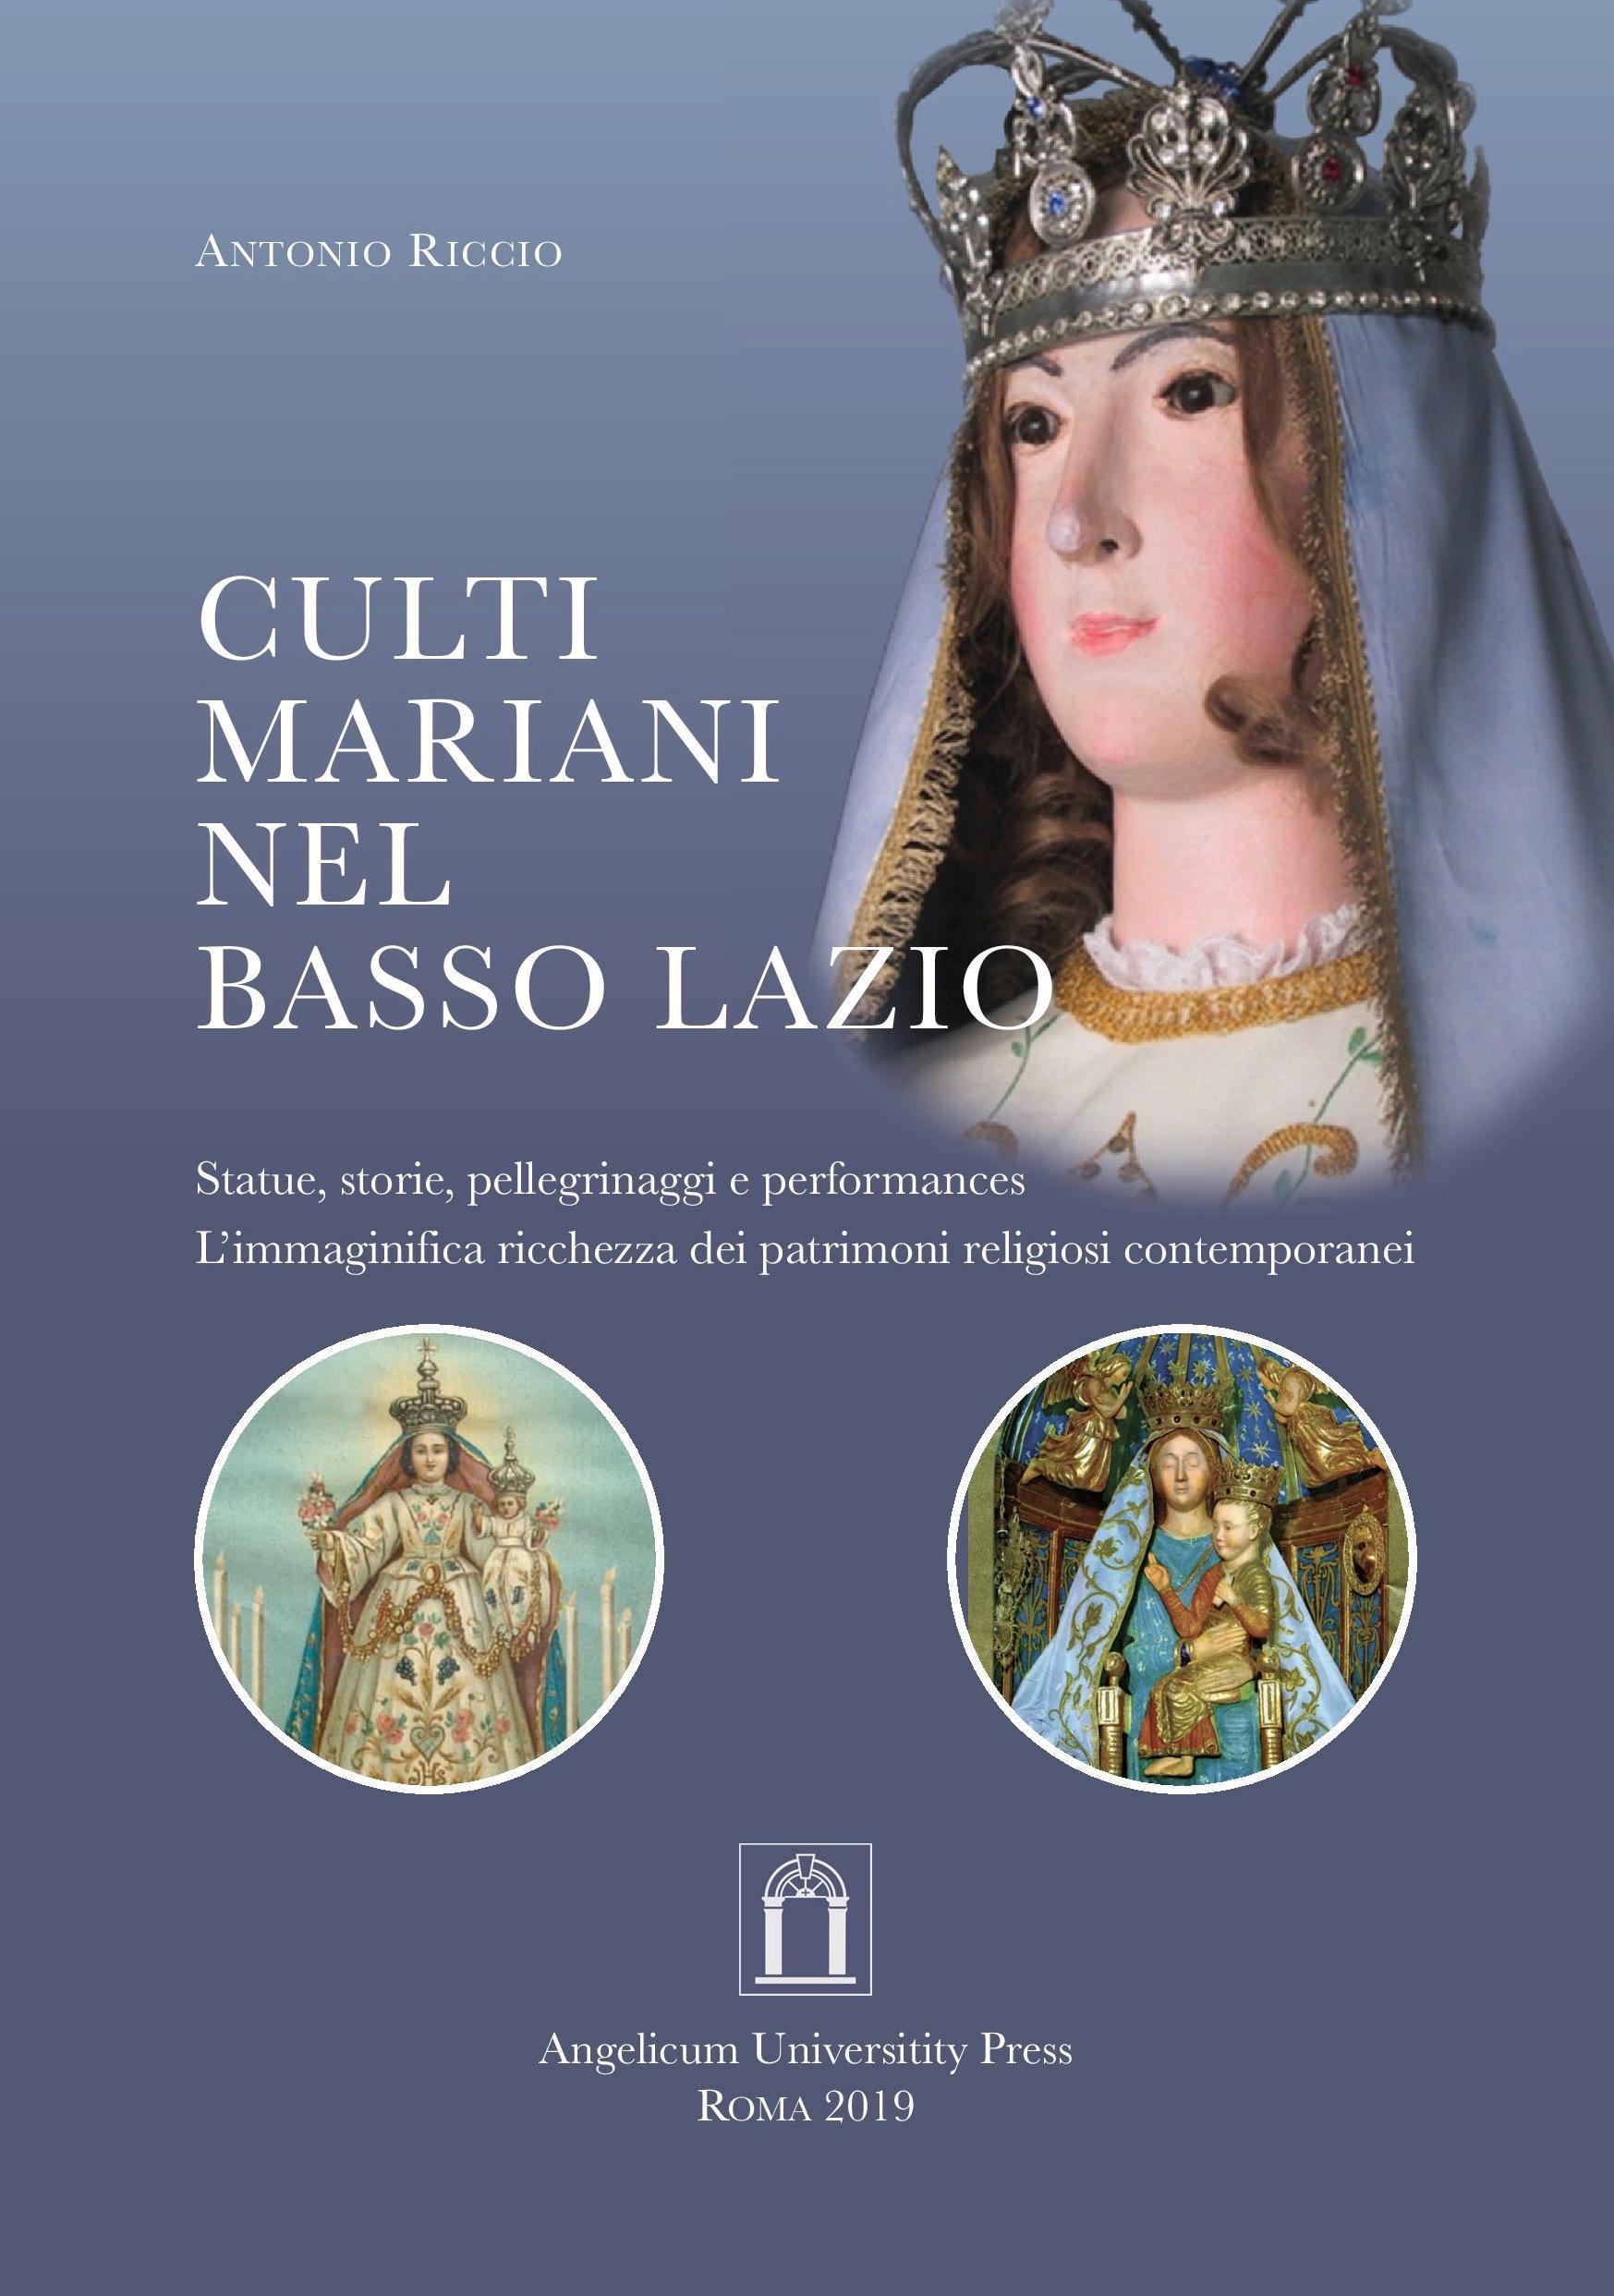 Culti mariani nel basso Lazio book cover